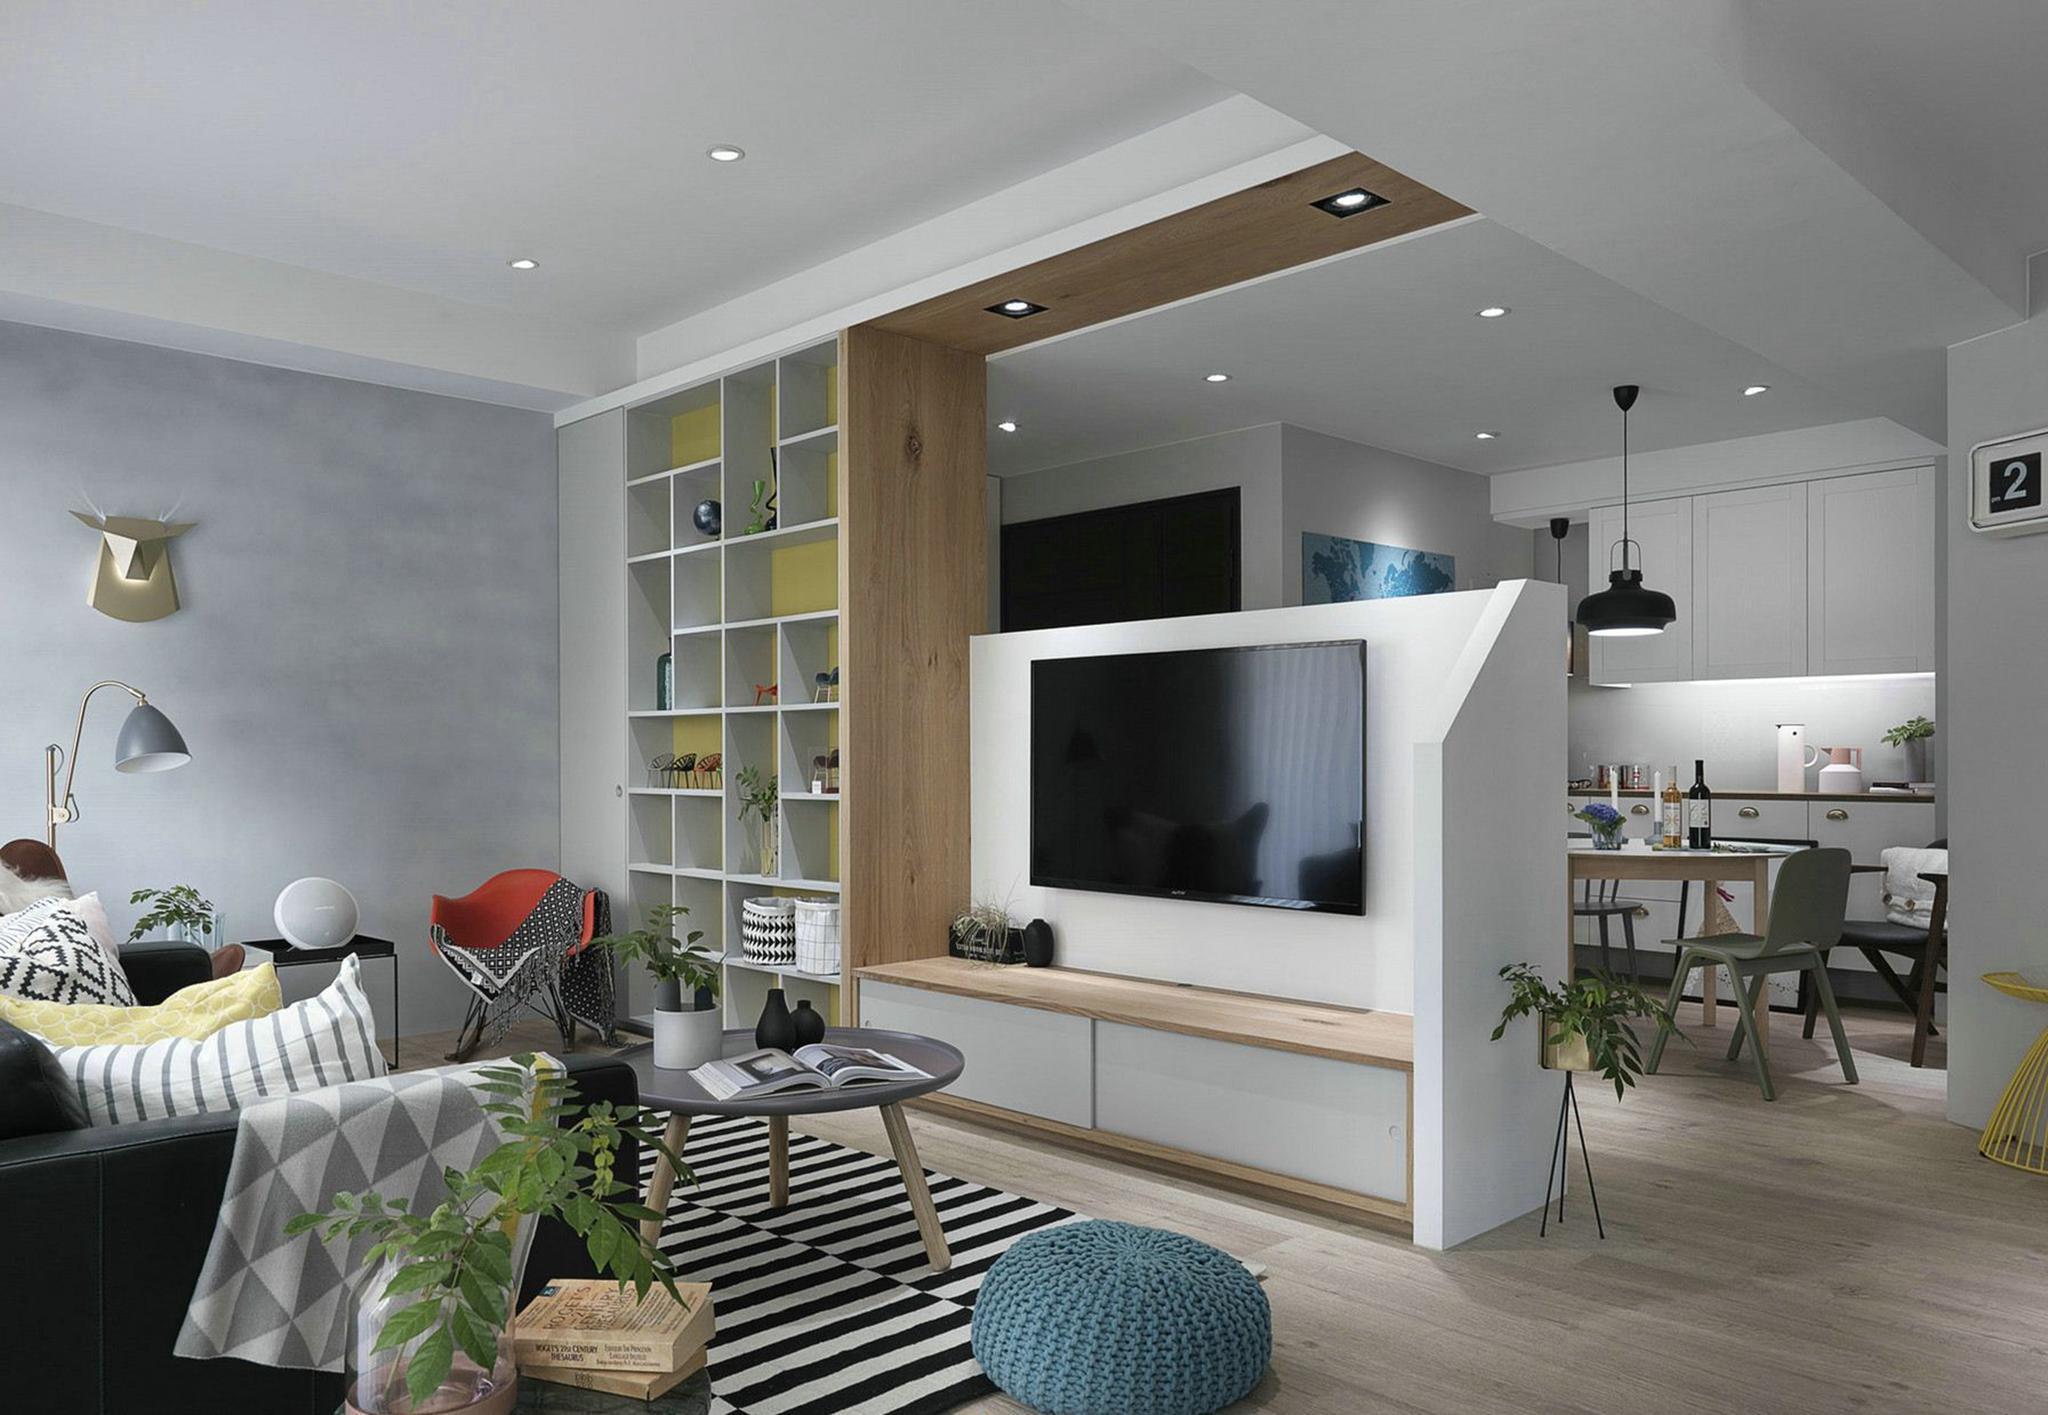 太原110㎡北欧风格装修案例,电视背景墙个性十足,人见